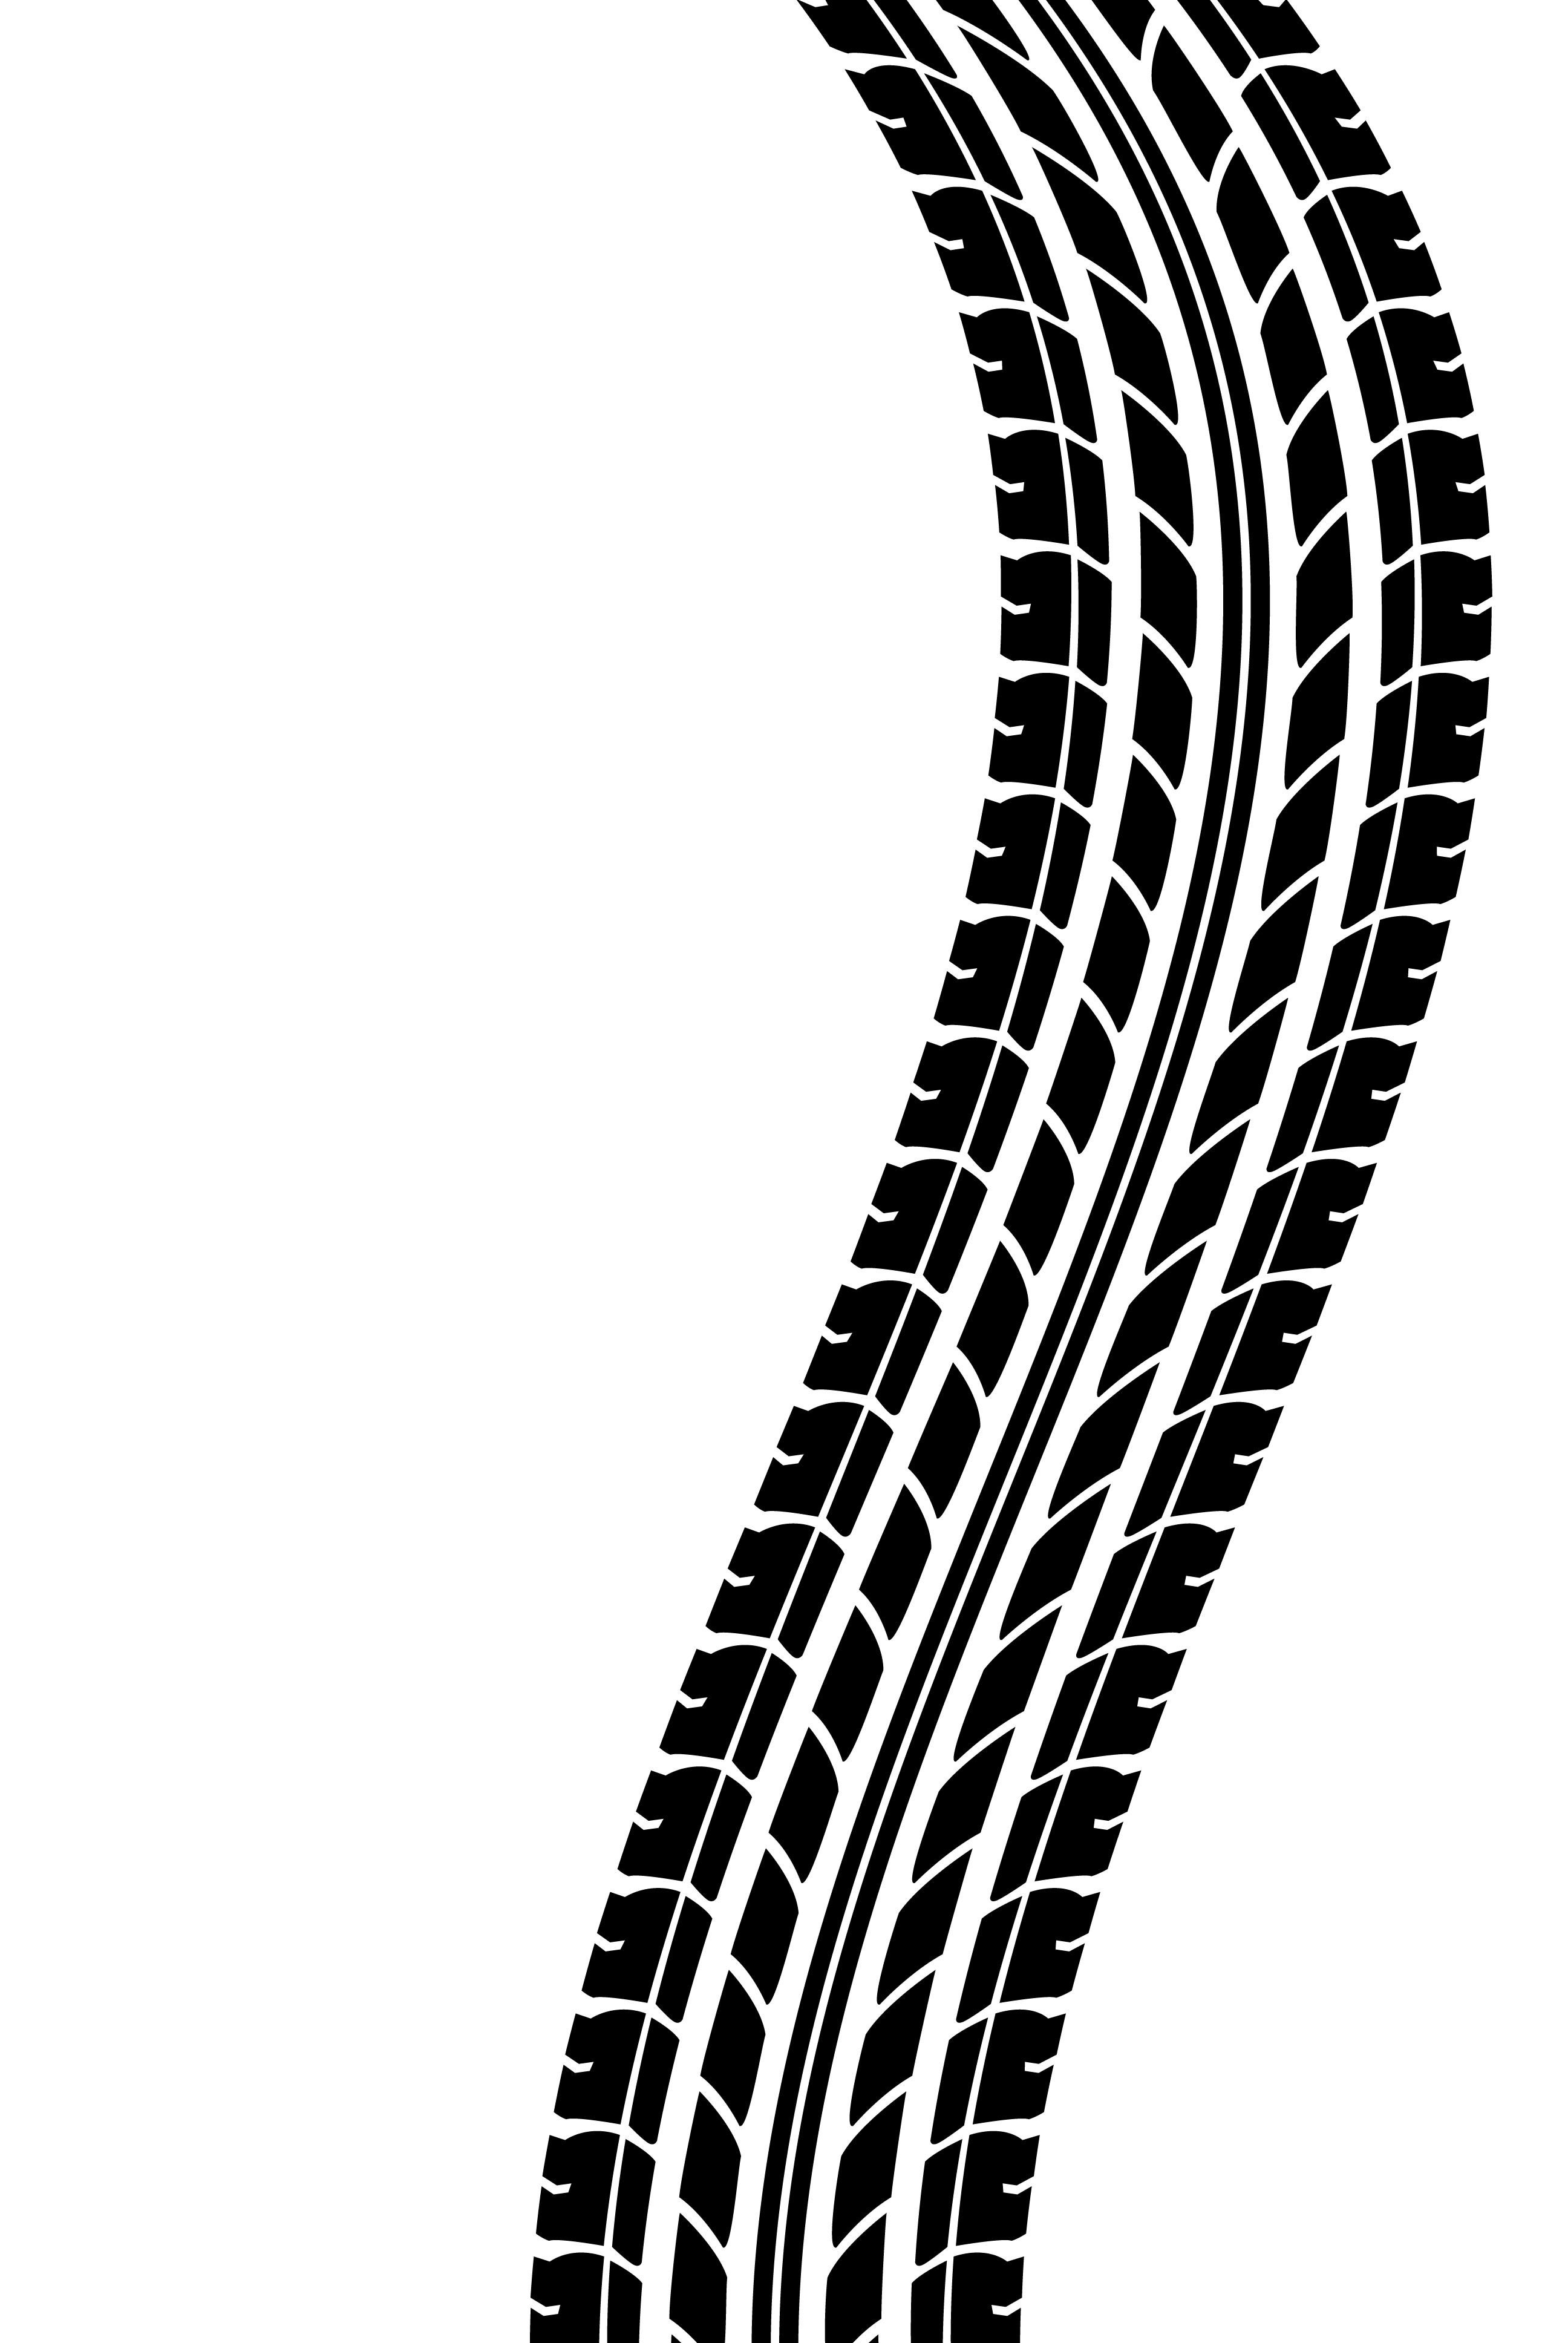 Tire clipart train Tire 33 Vector Tire net